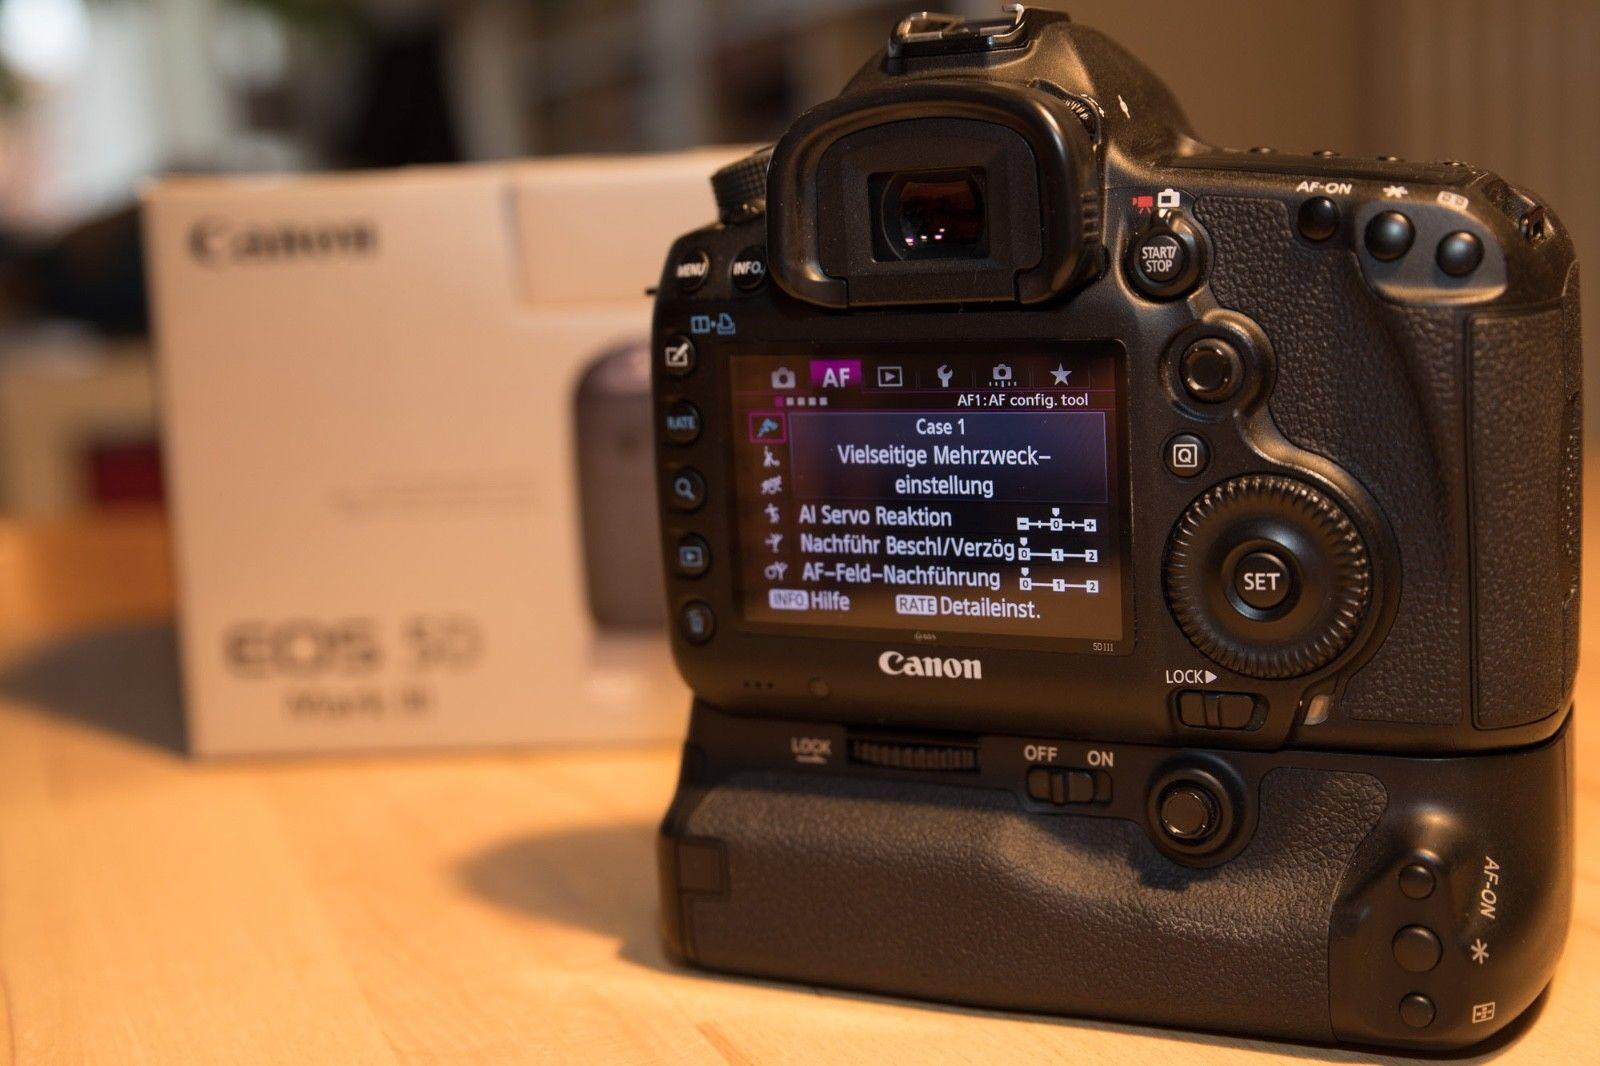 Canon EOS 5D Mark III, 23'200 Auslösungen + WLAN-SD-Karte + Batteriegriff